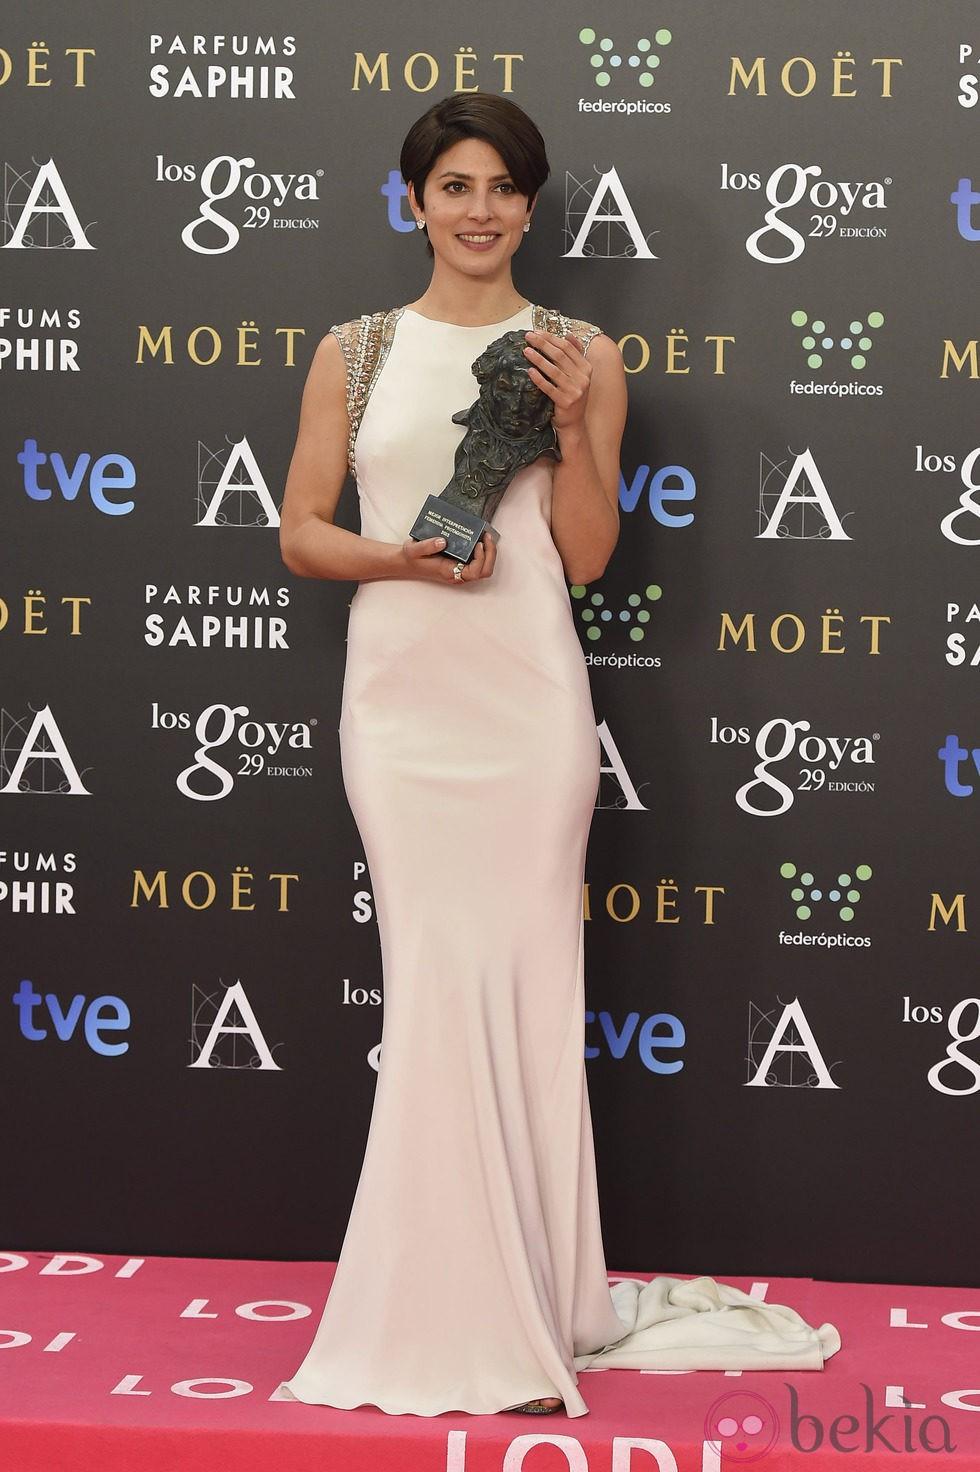 Bárbara Lennie, Premio Goya 2015 a la mejor actriz